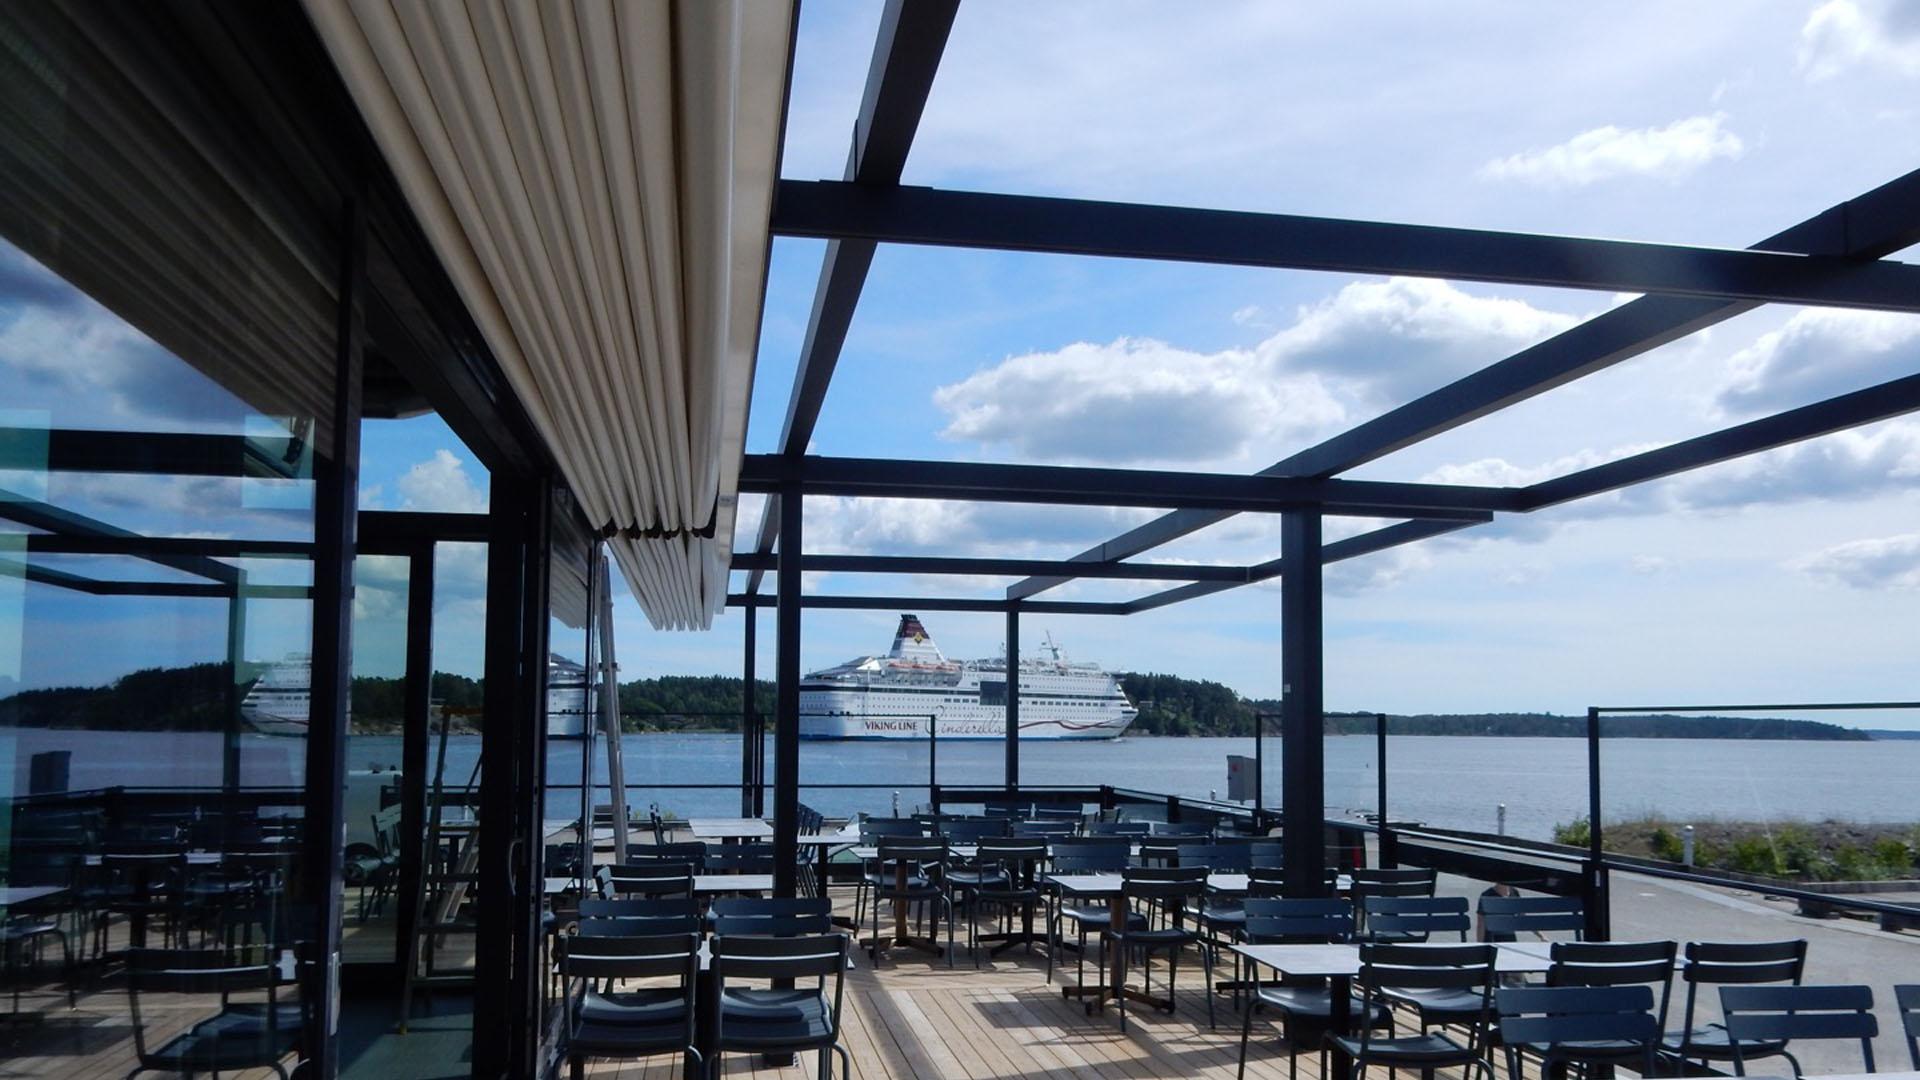 Vaxholm rindö hamn 09